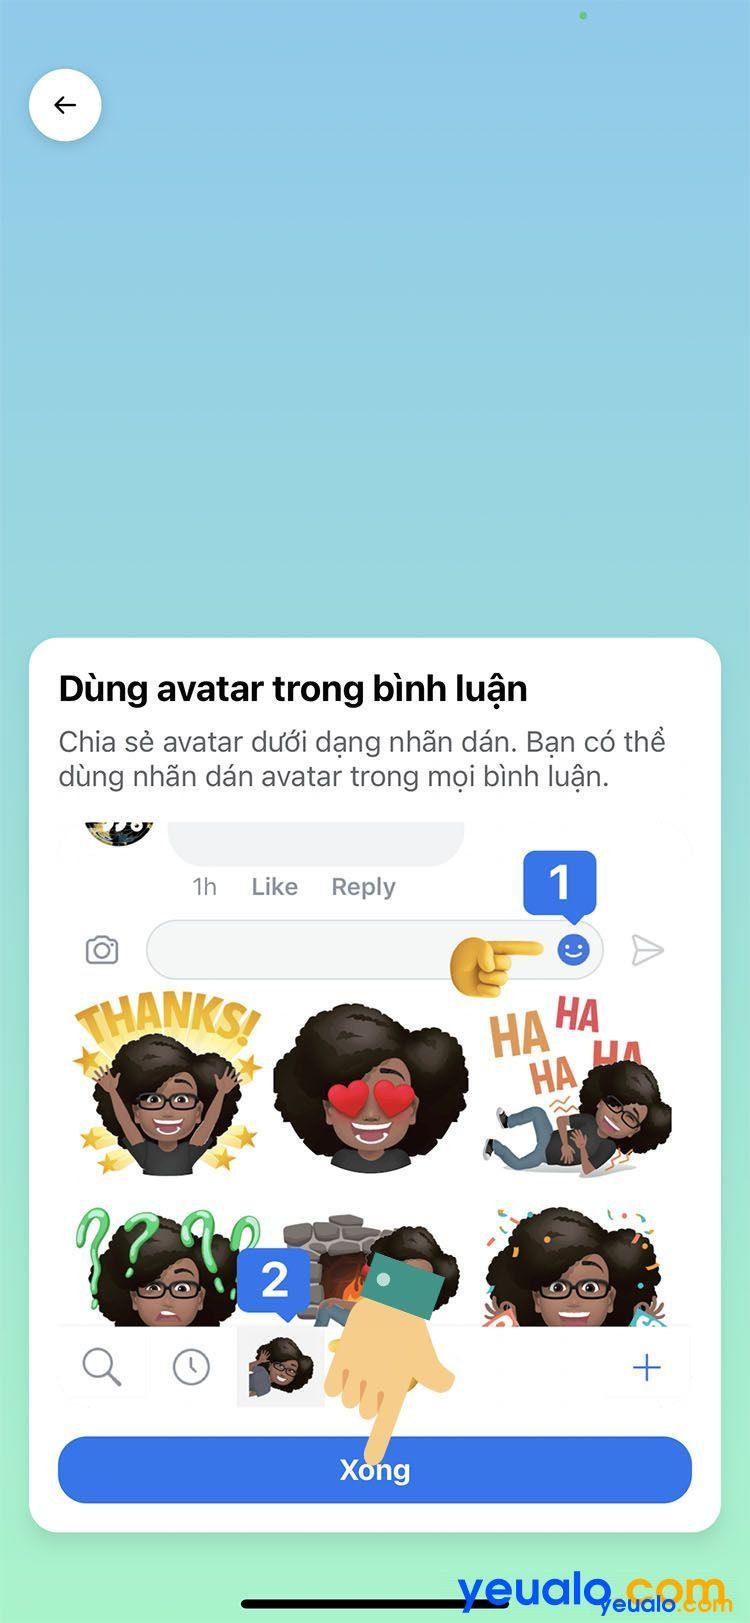 Cách làm avatar nhãn dán hoạt hình giống mình trên Facebook Messenger 8